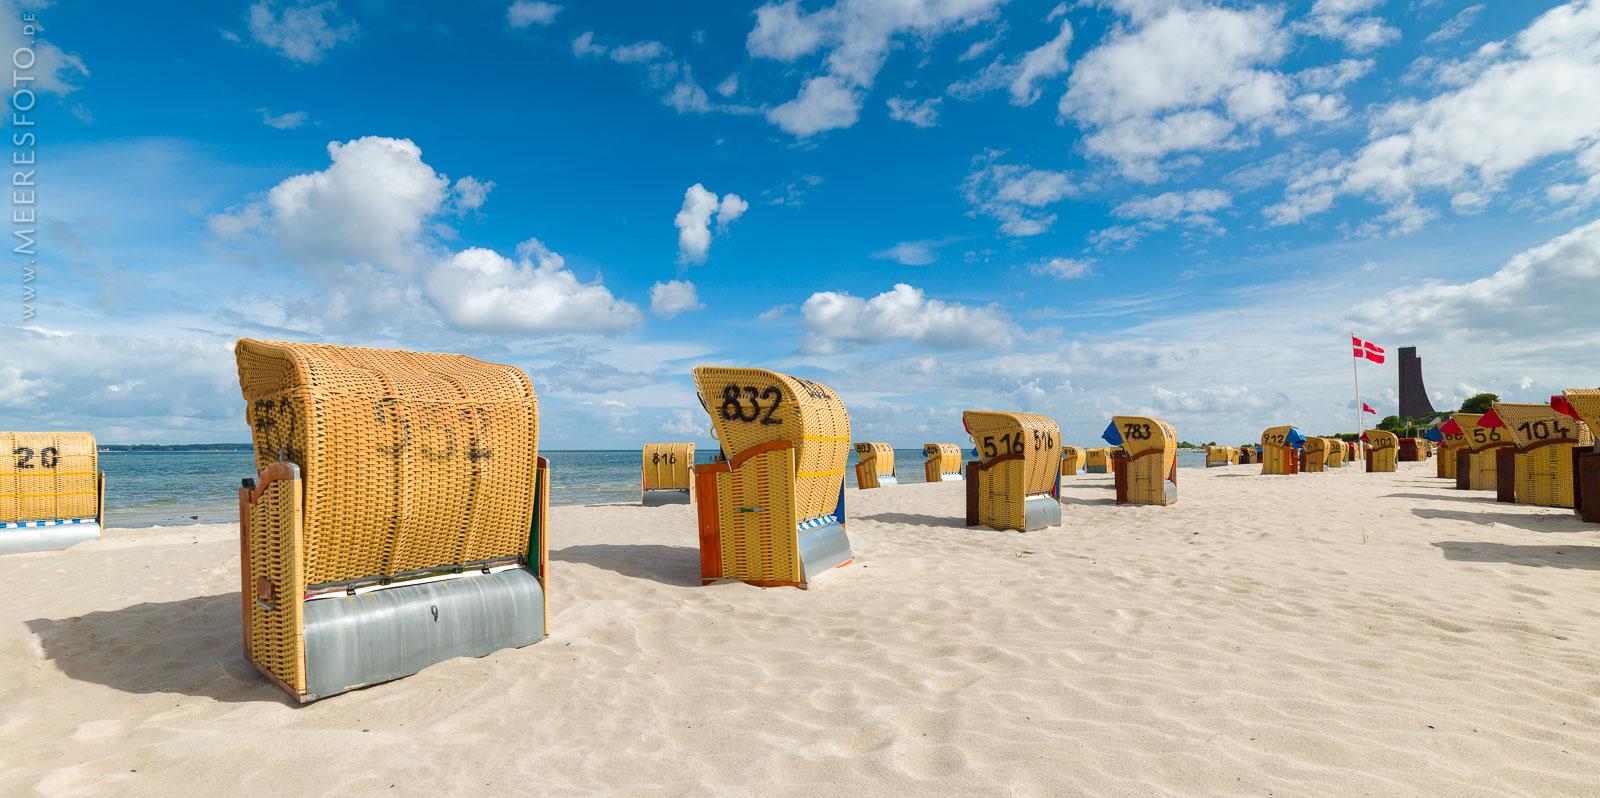 Strandkörbe an der Förde